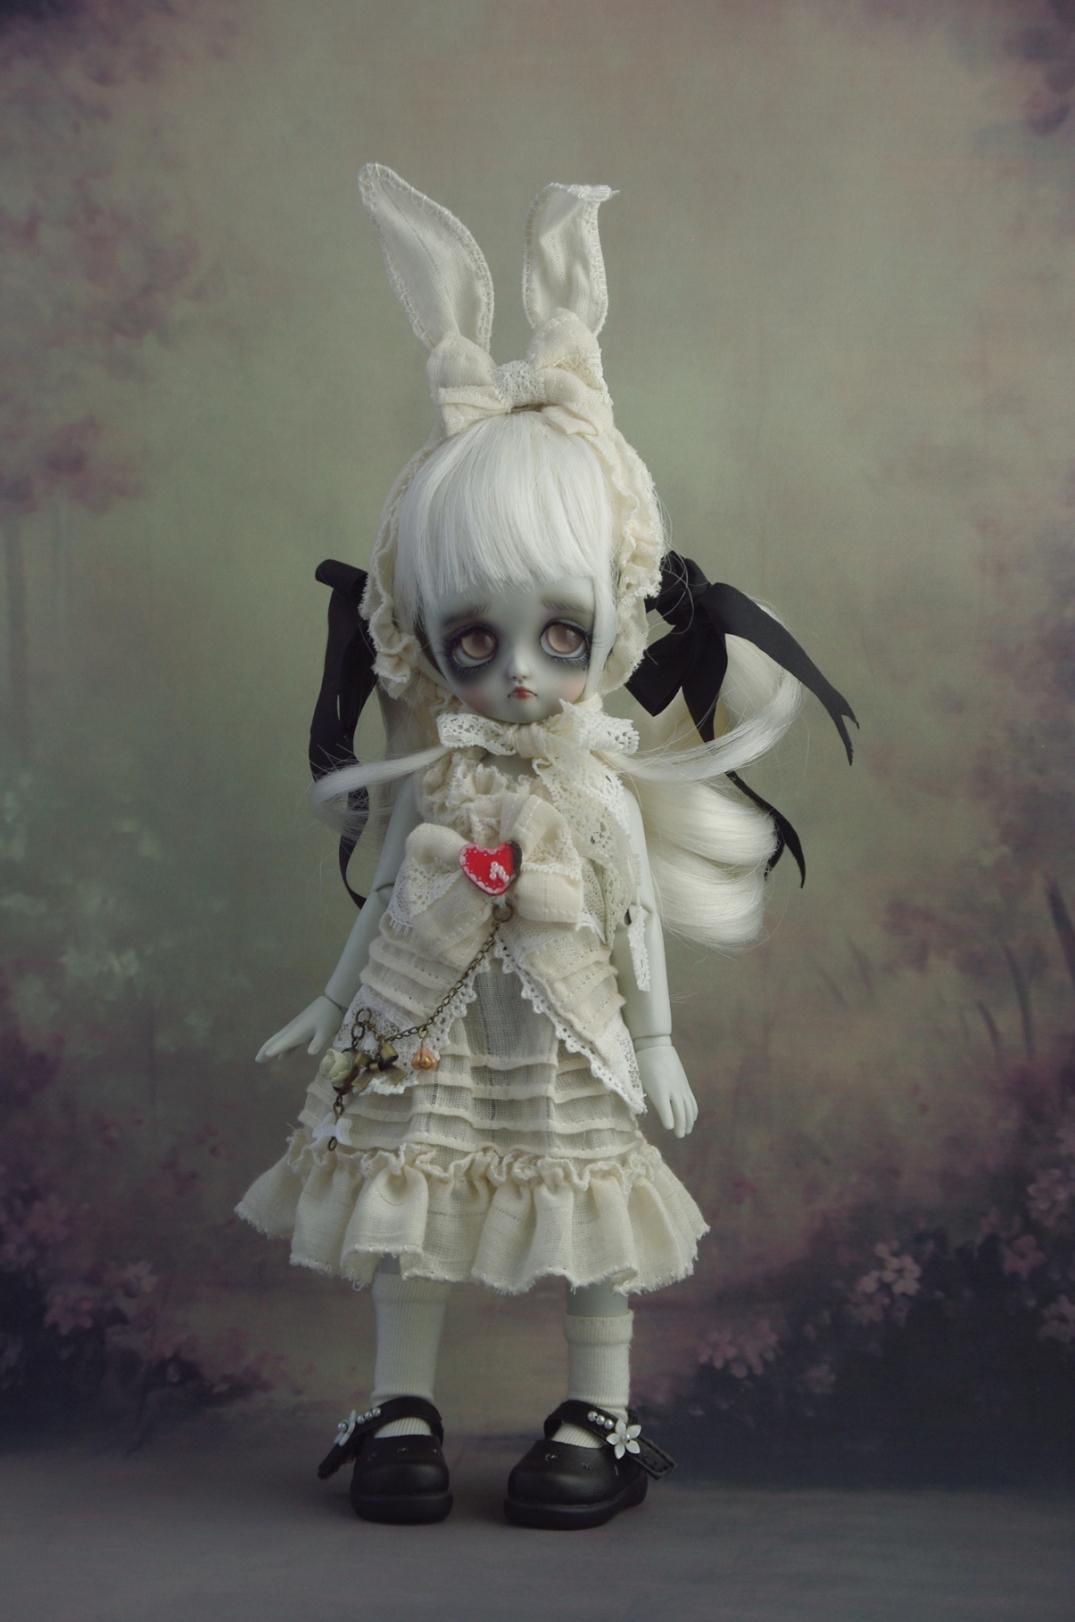 whiterabbit 1